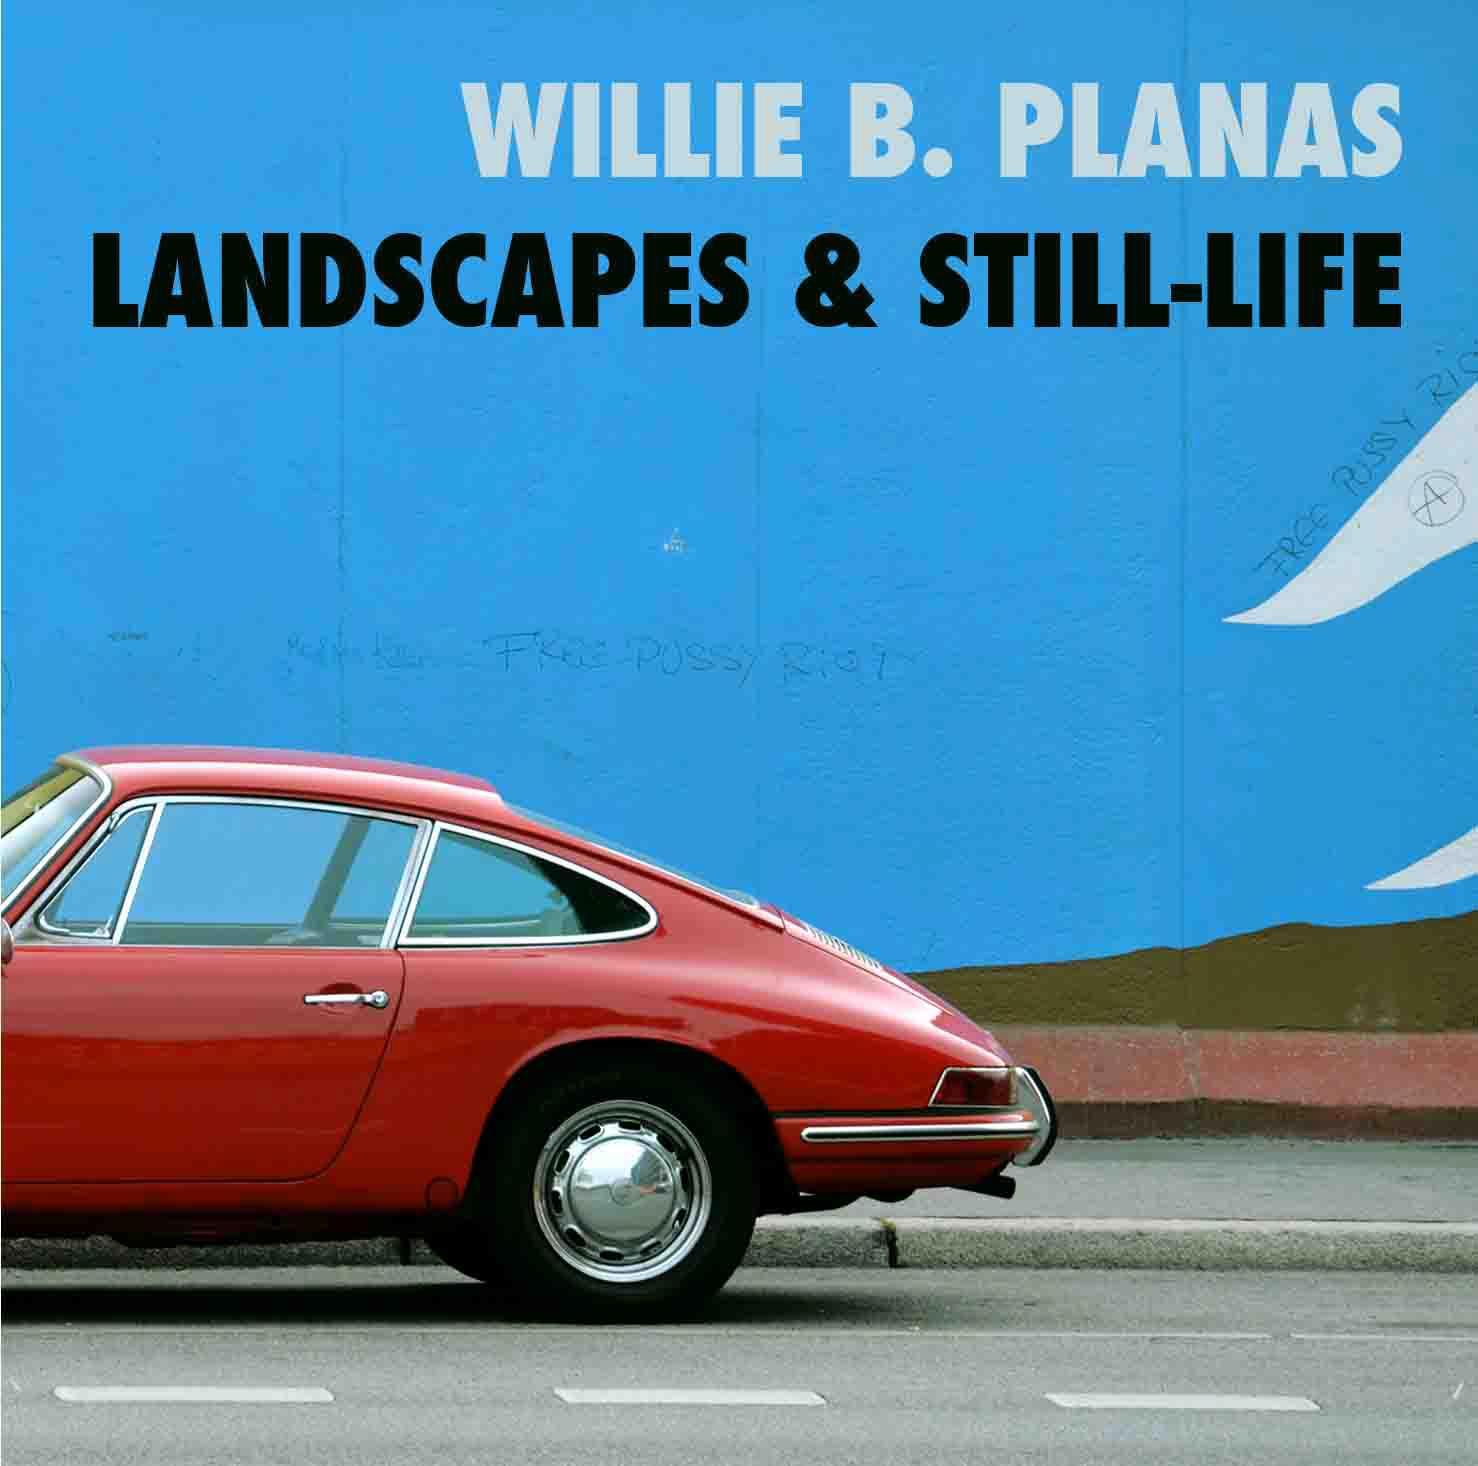 Willie-B.-Planas